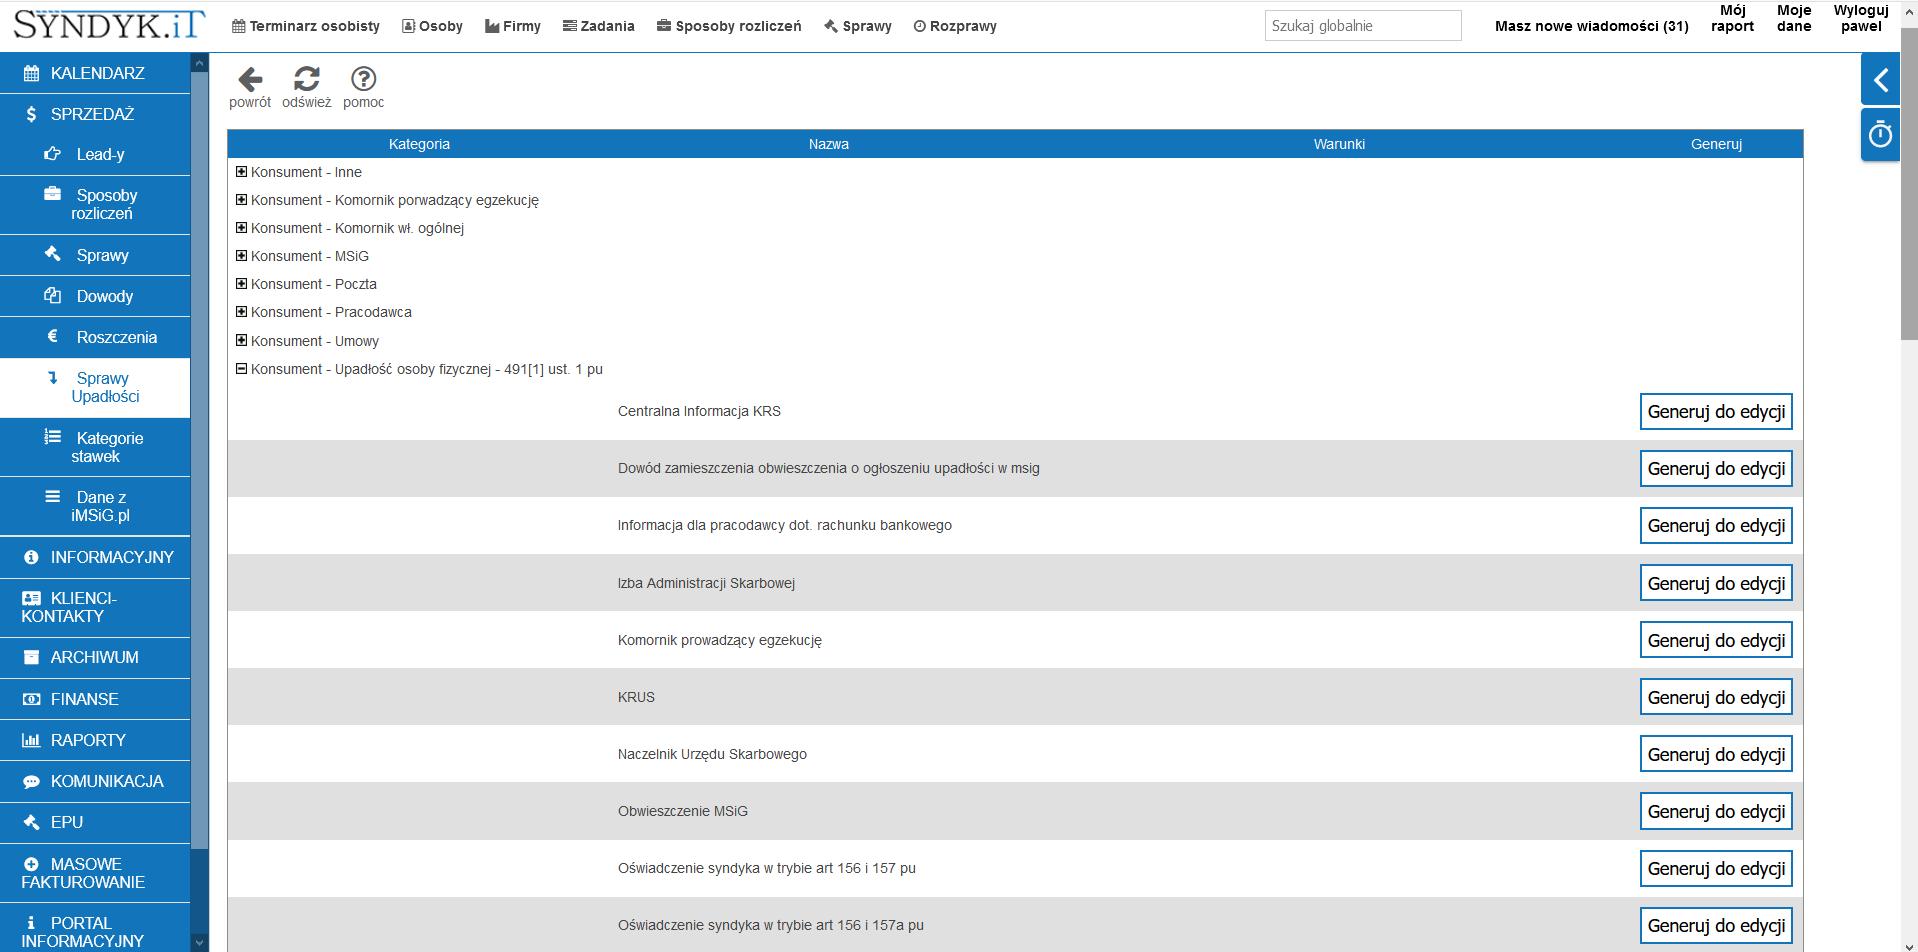 Generator dokumentów w programie Syndyk.iT